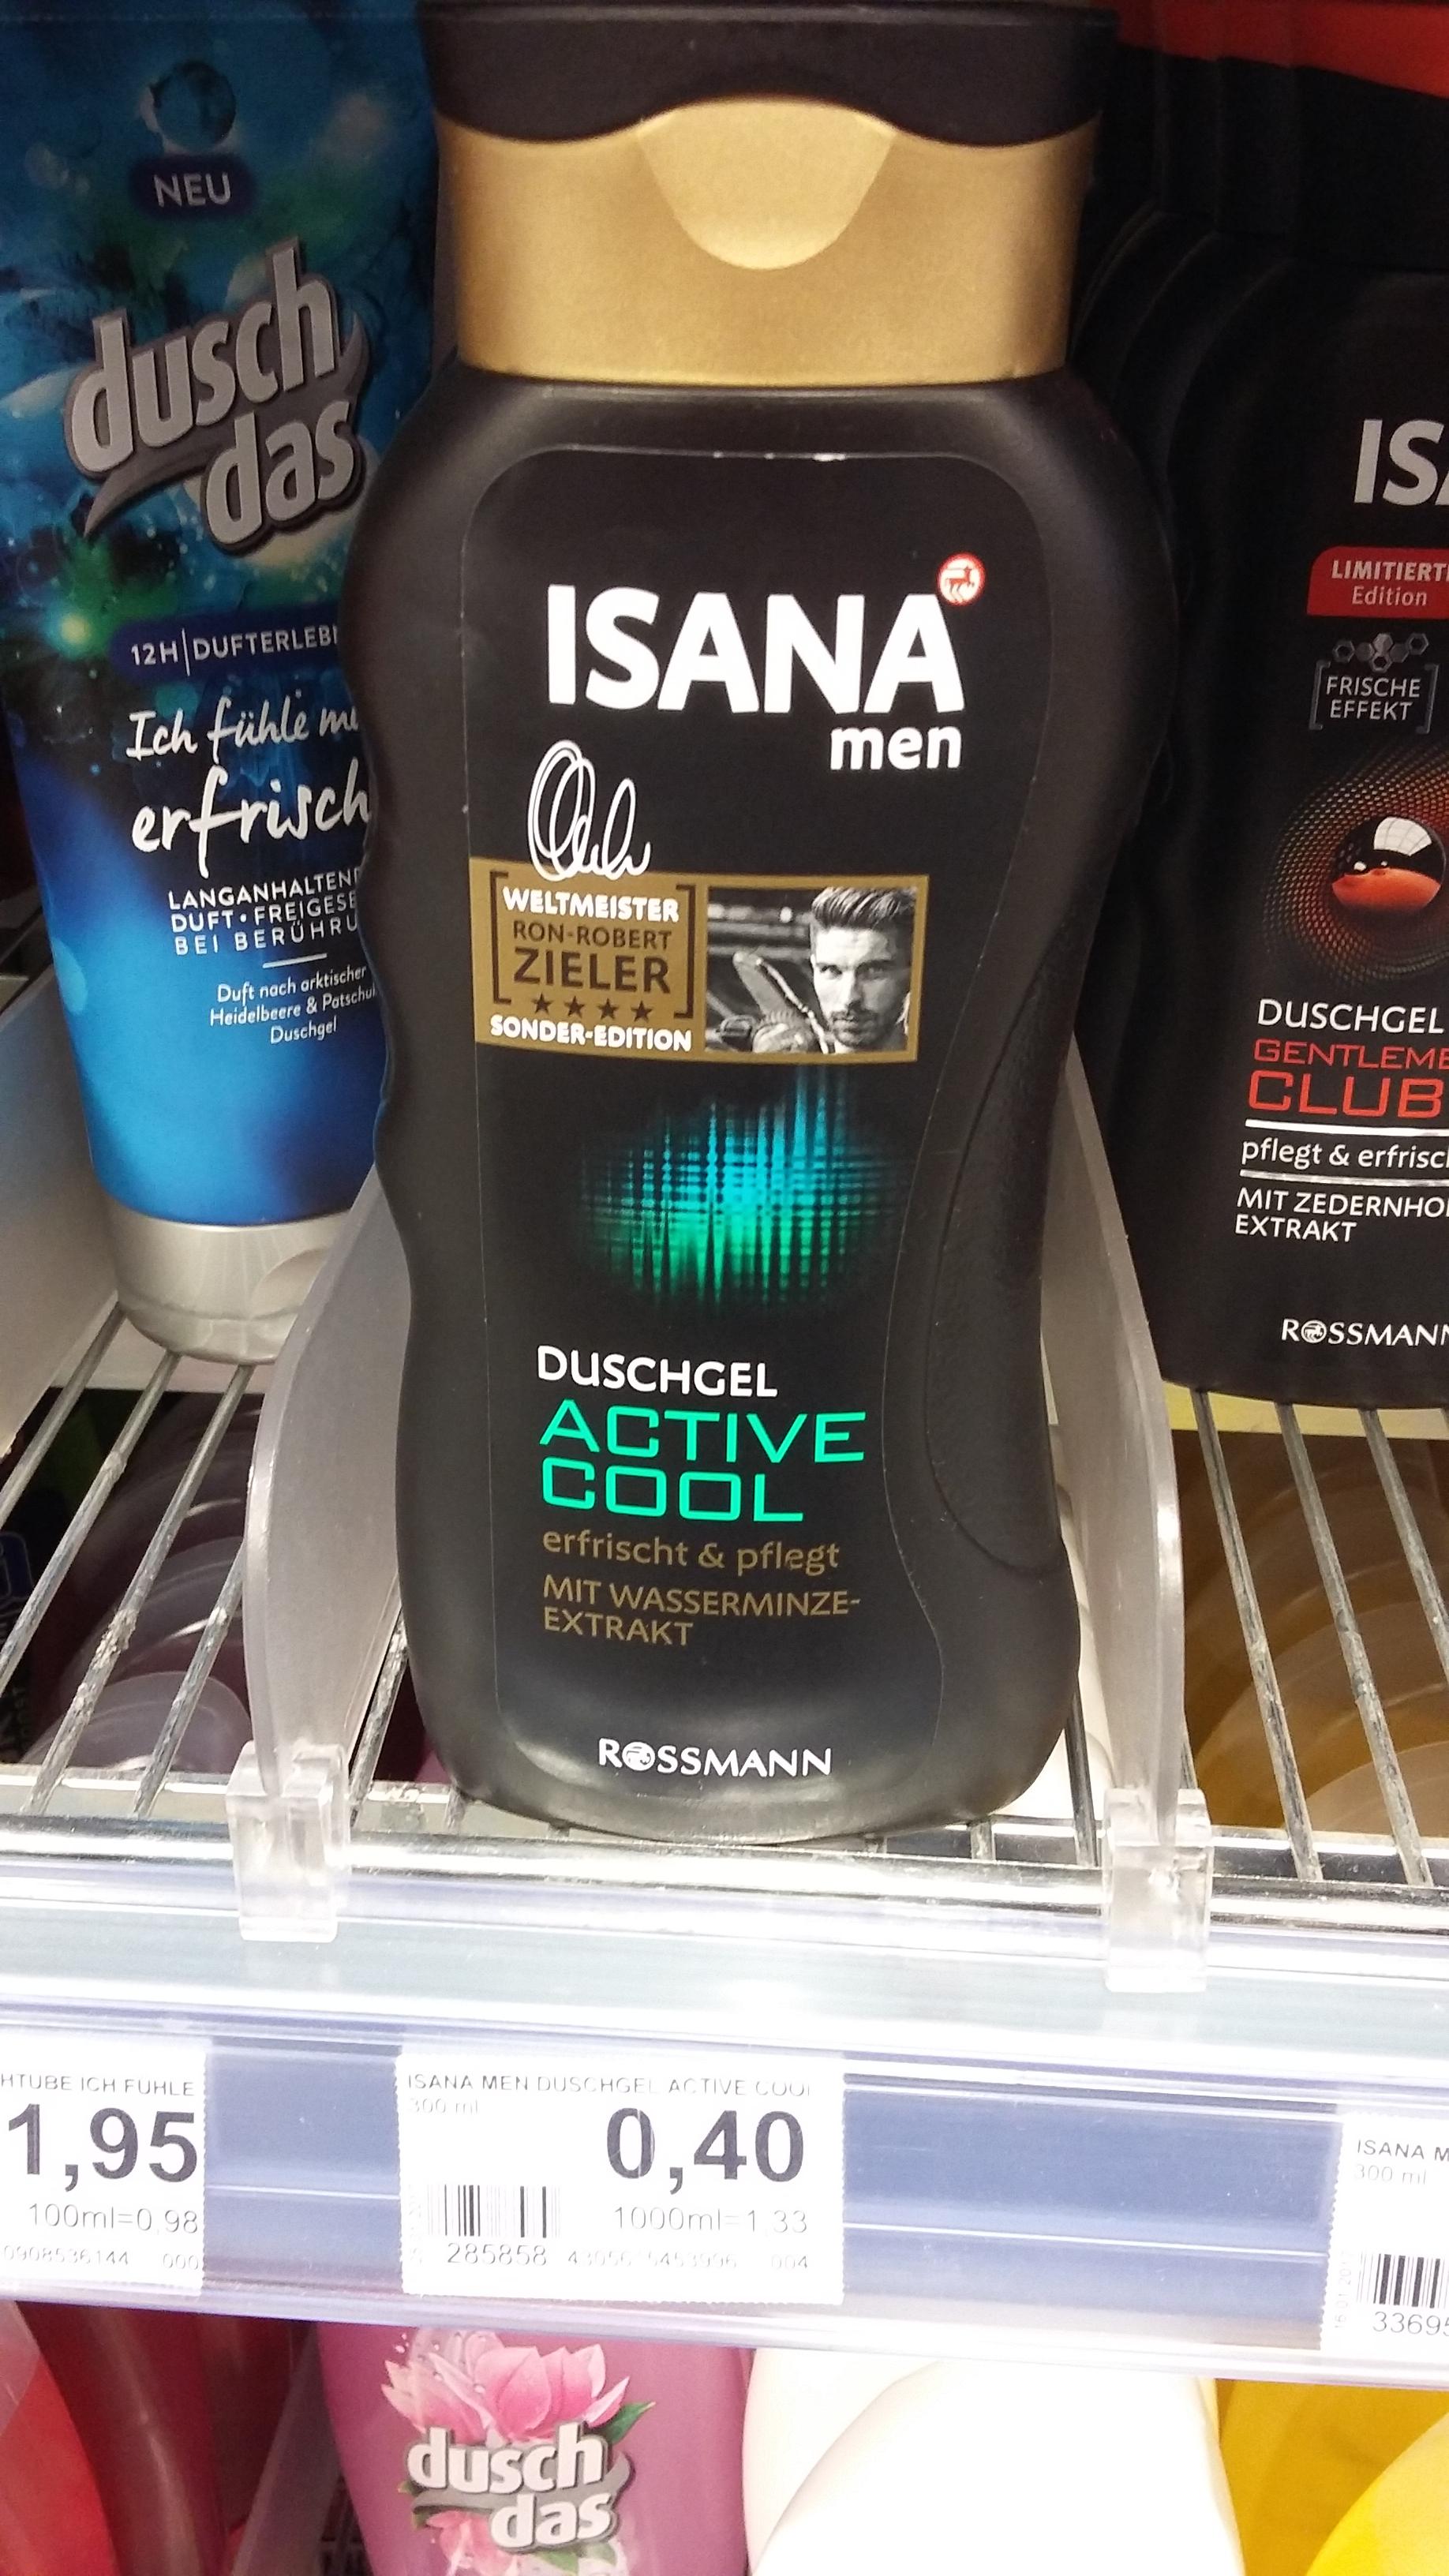 Günstig Duschen - Duschgel Active Cool 300 ml 40 ct. (Rossmann offline)